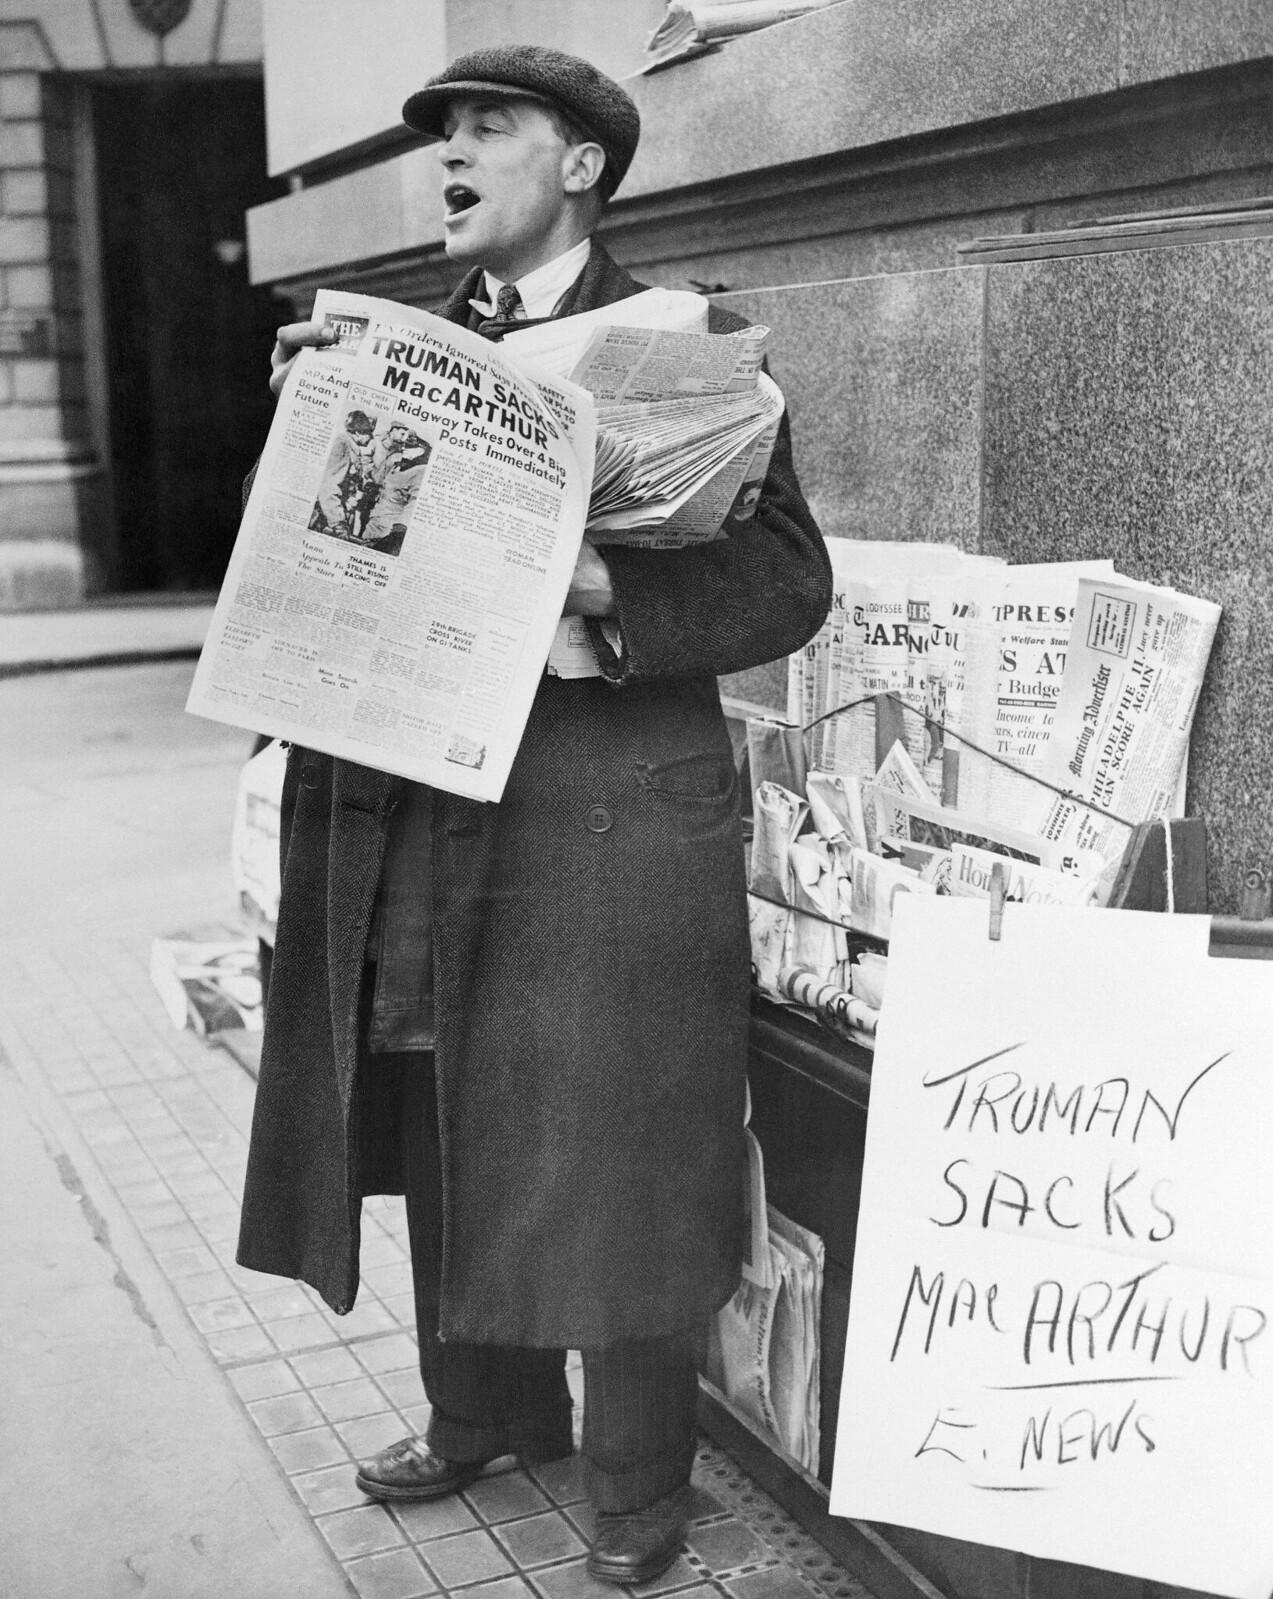 09. Продавец газет изображен с некоторыми из своих последних газет и выкрикивает громкий заголовок об отставке Макартура президентом Трумэном